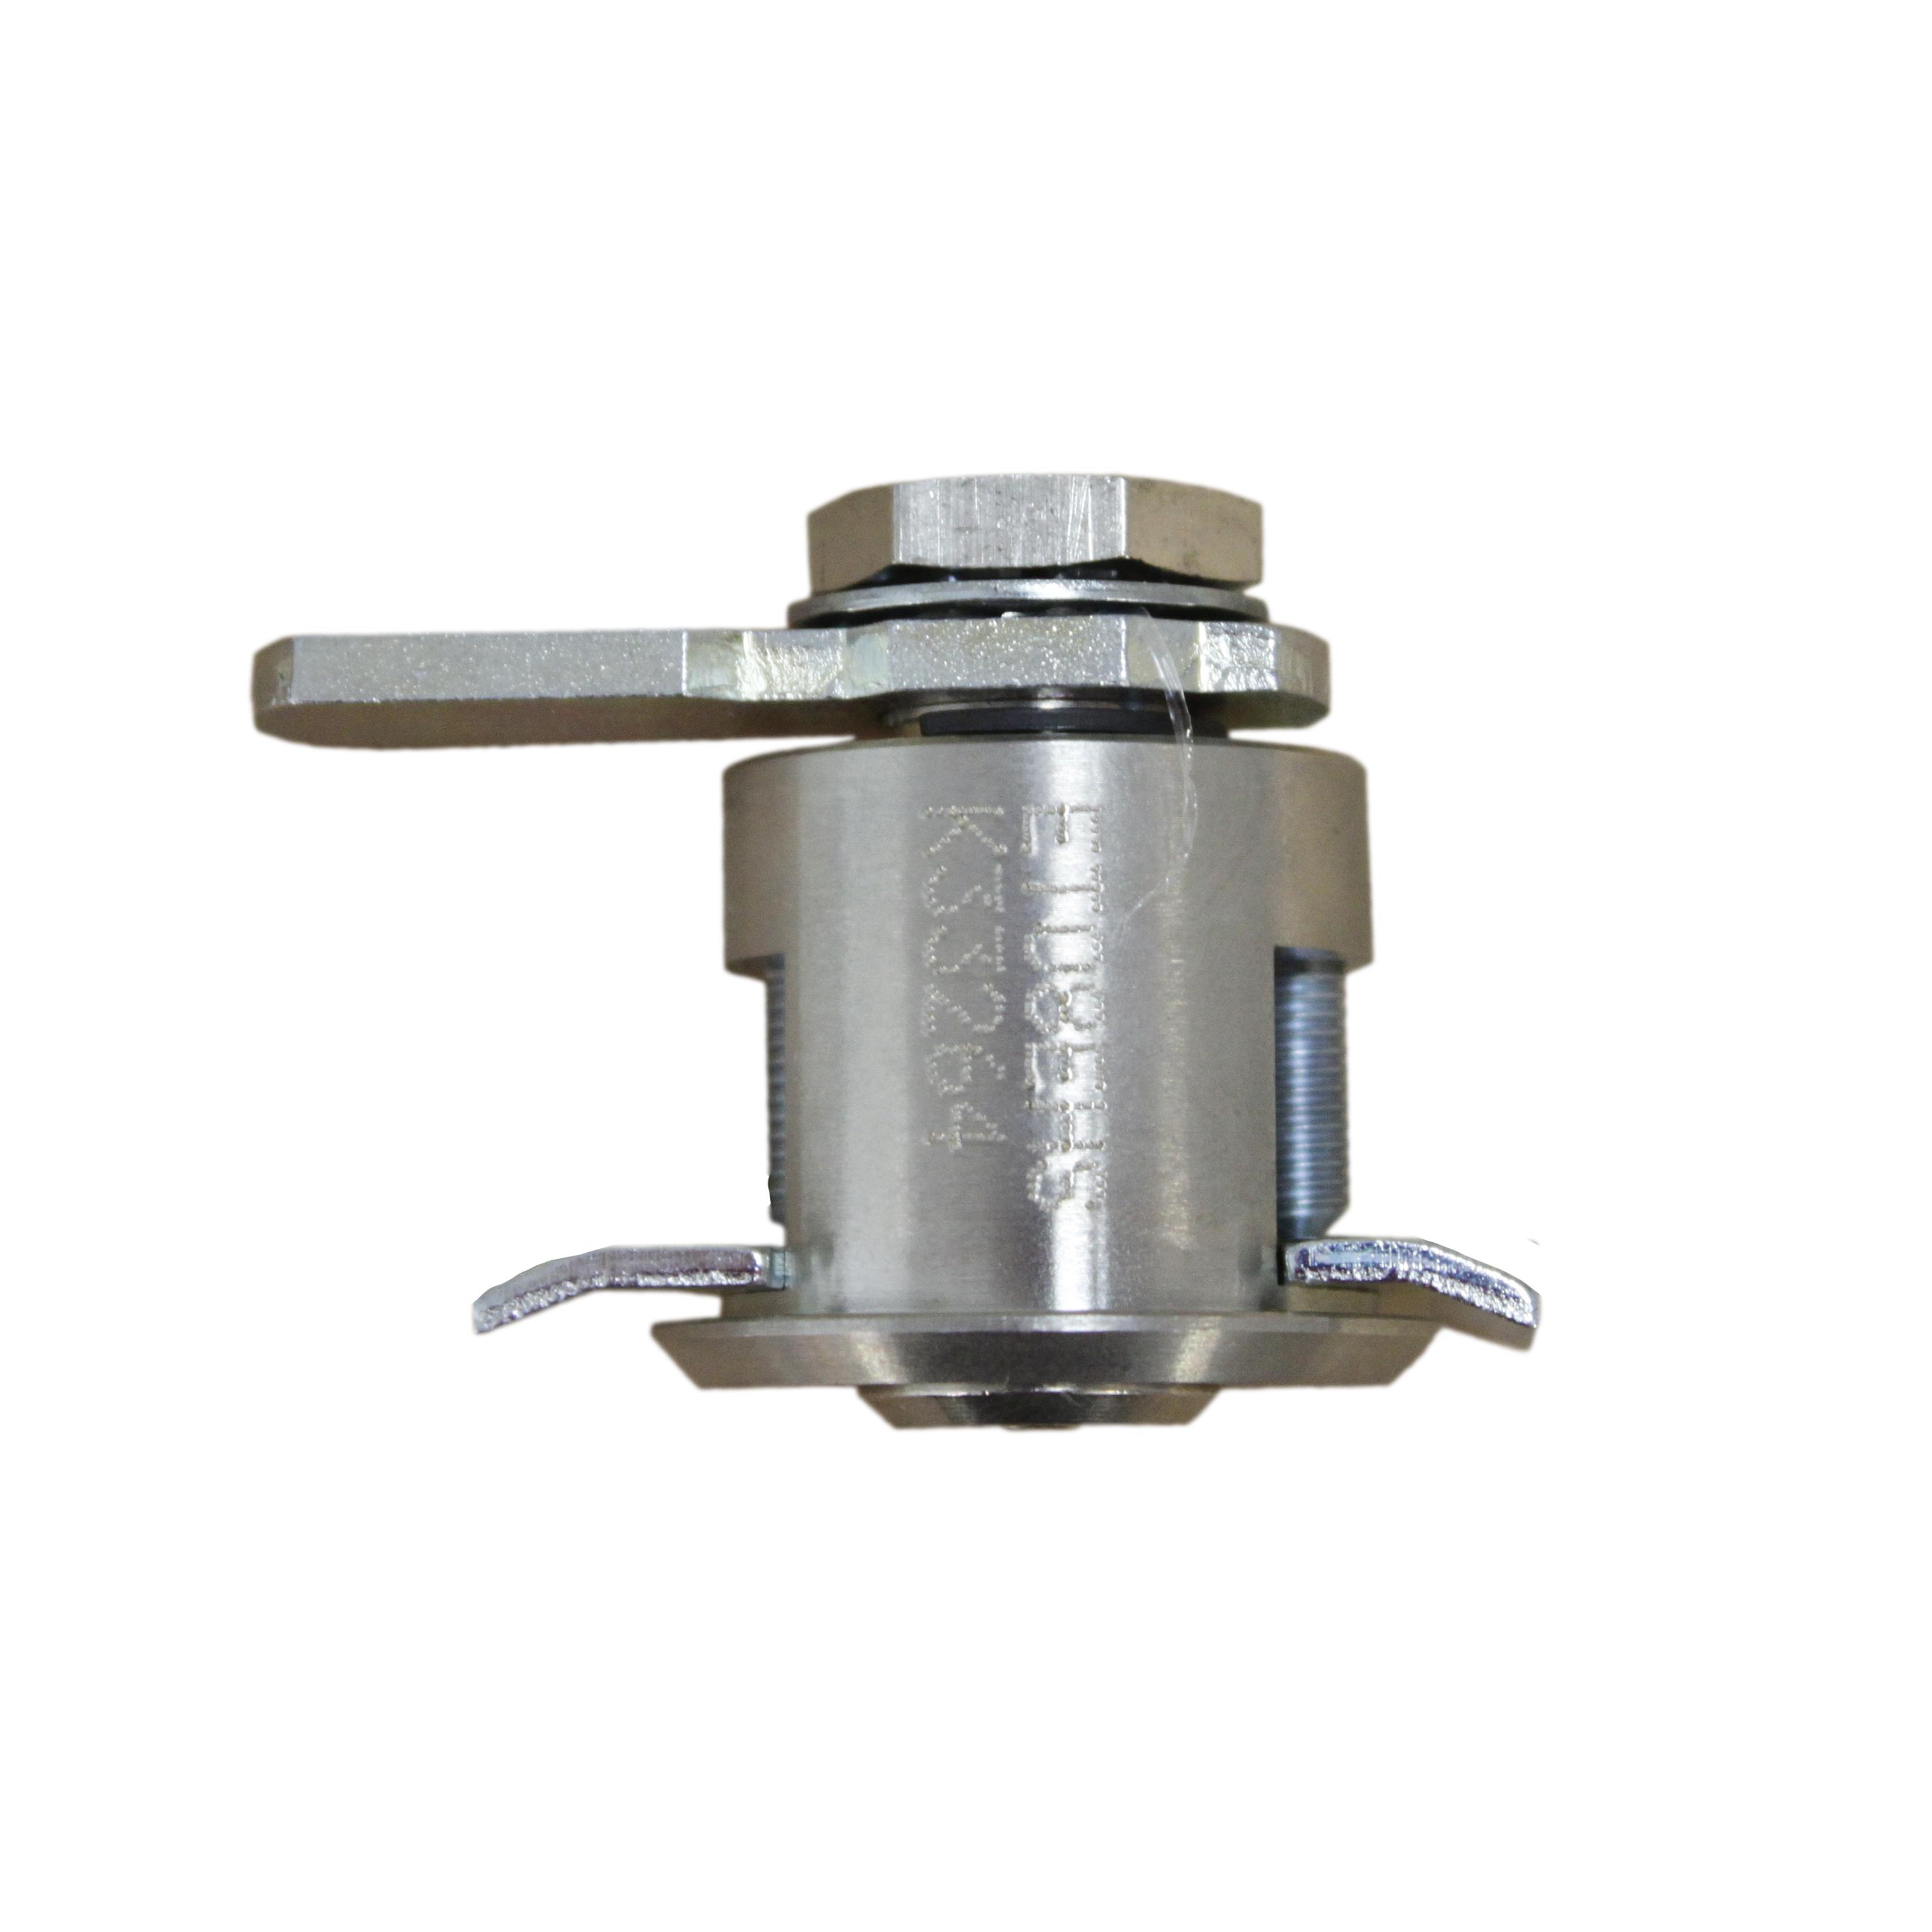 1 Stk Hebelzylinder für Blechmontage ZB27 (ET08) IL900481--